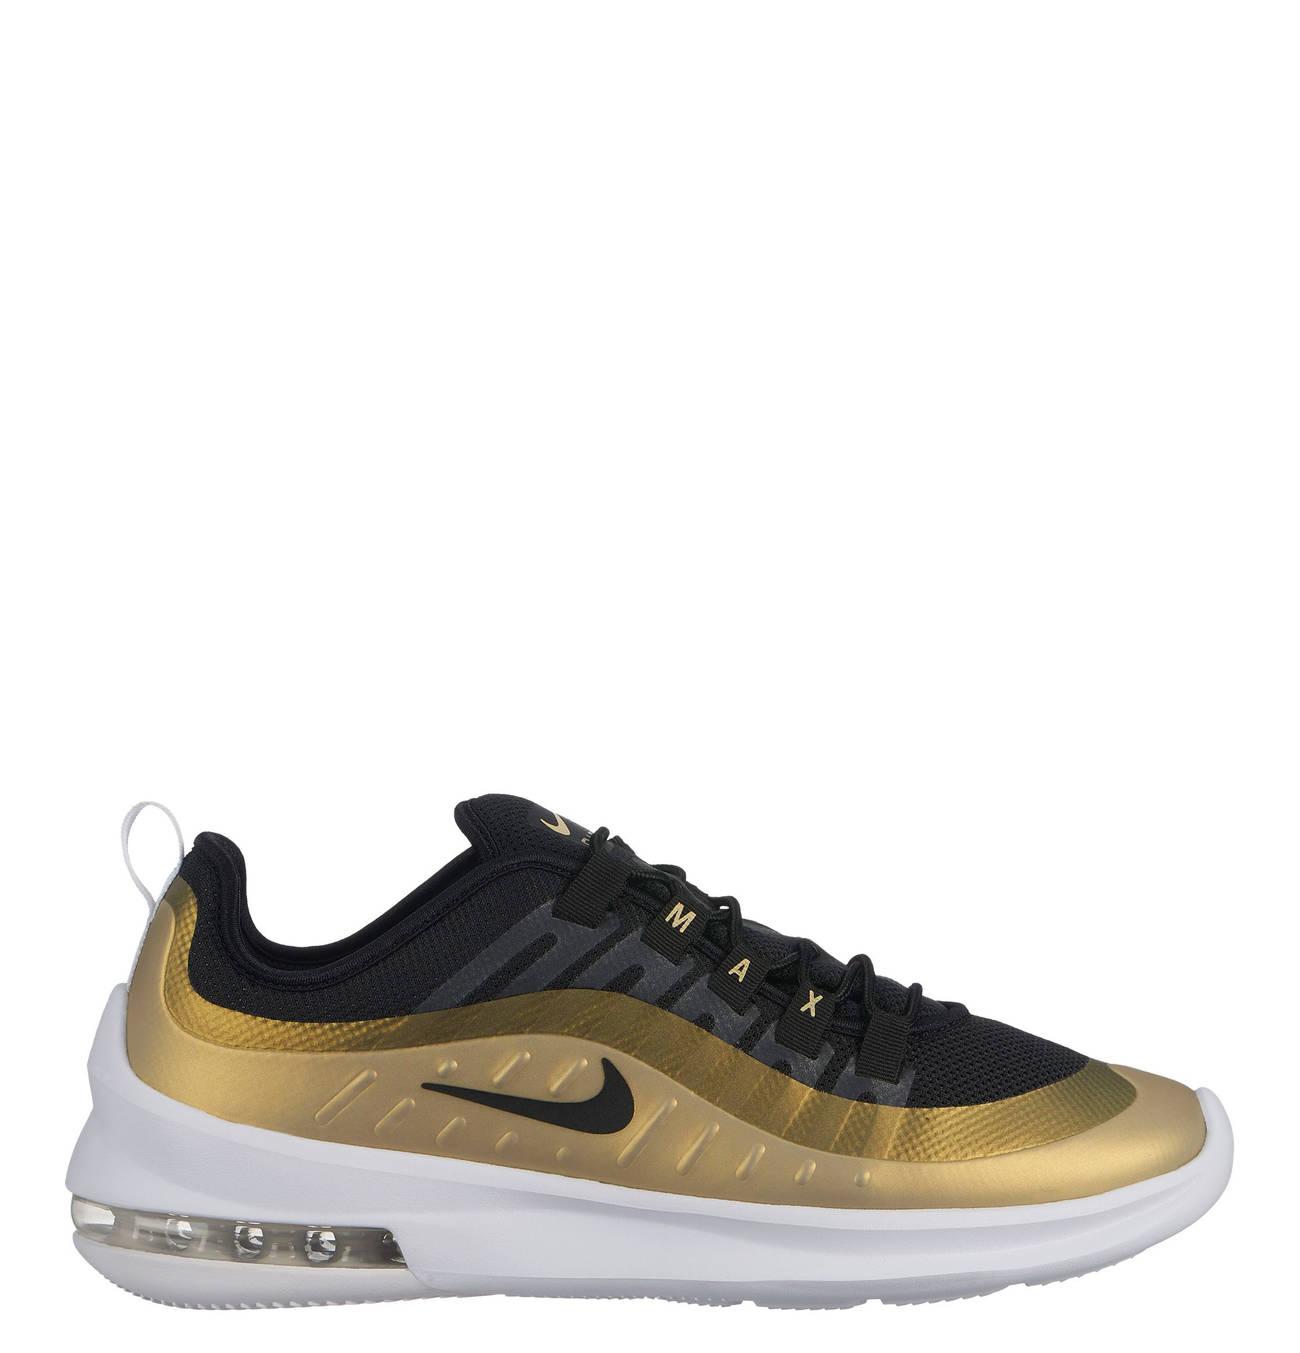 Schuhe24 SALE | Herren Sneaker von Adidas beige, braun, gelb